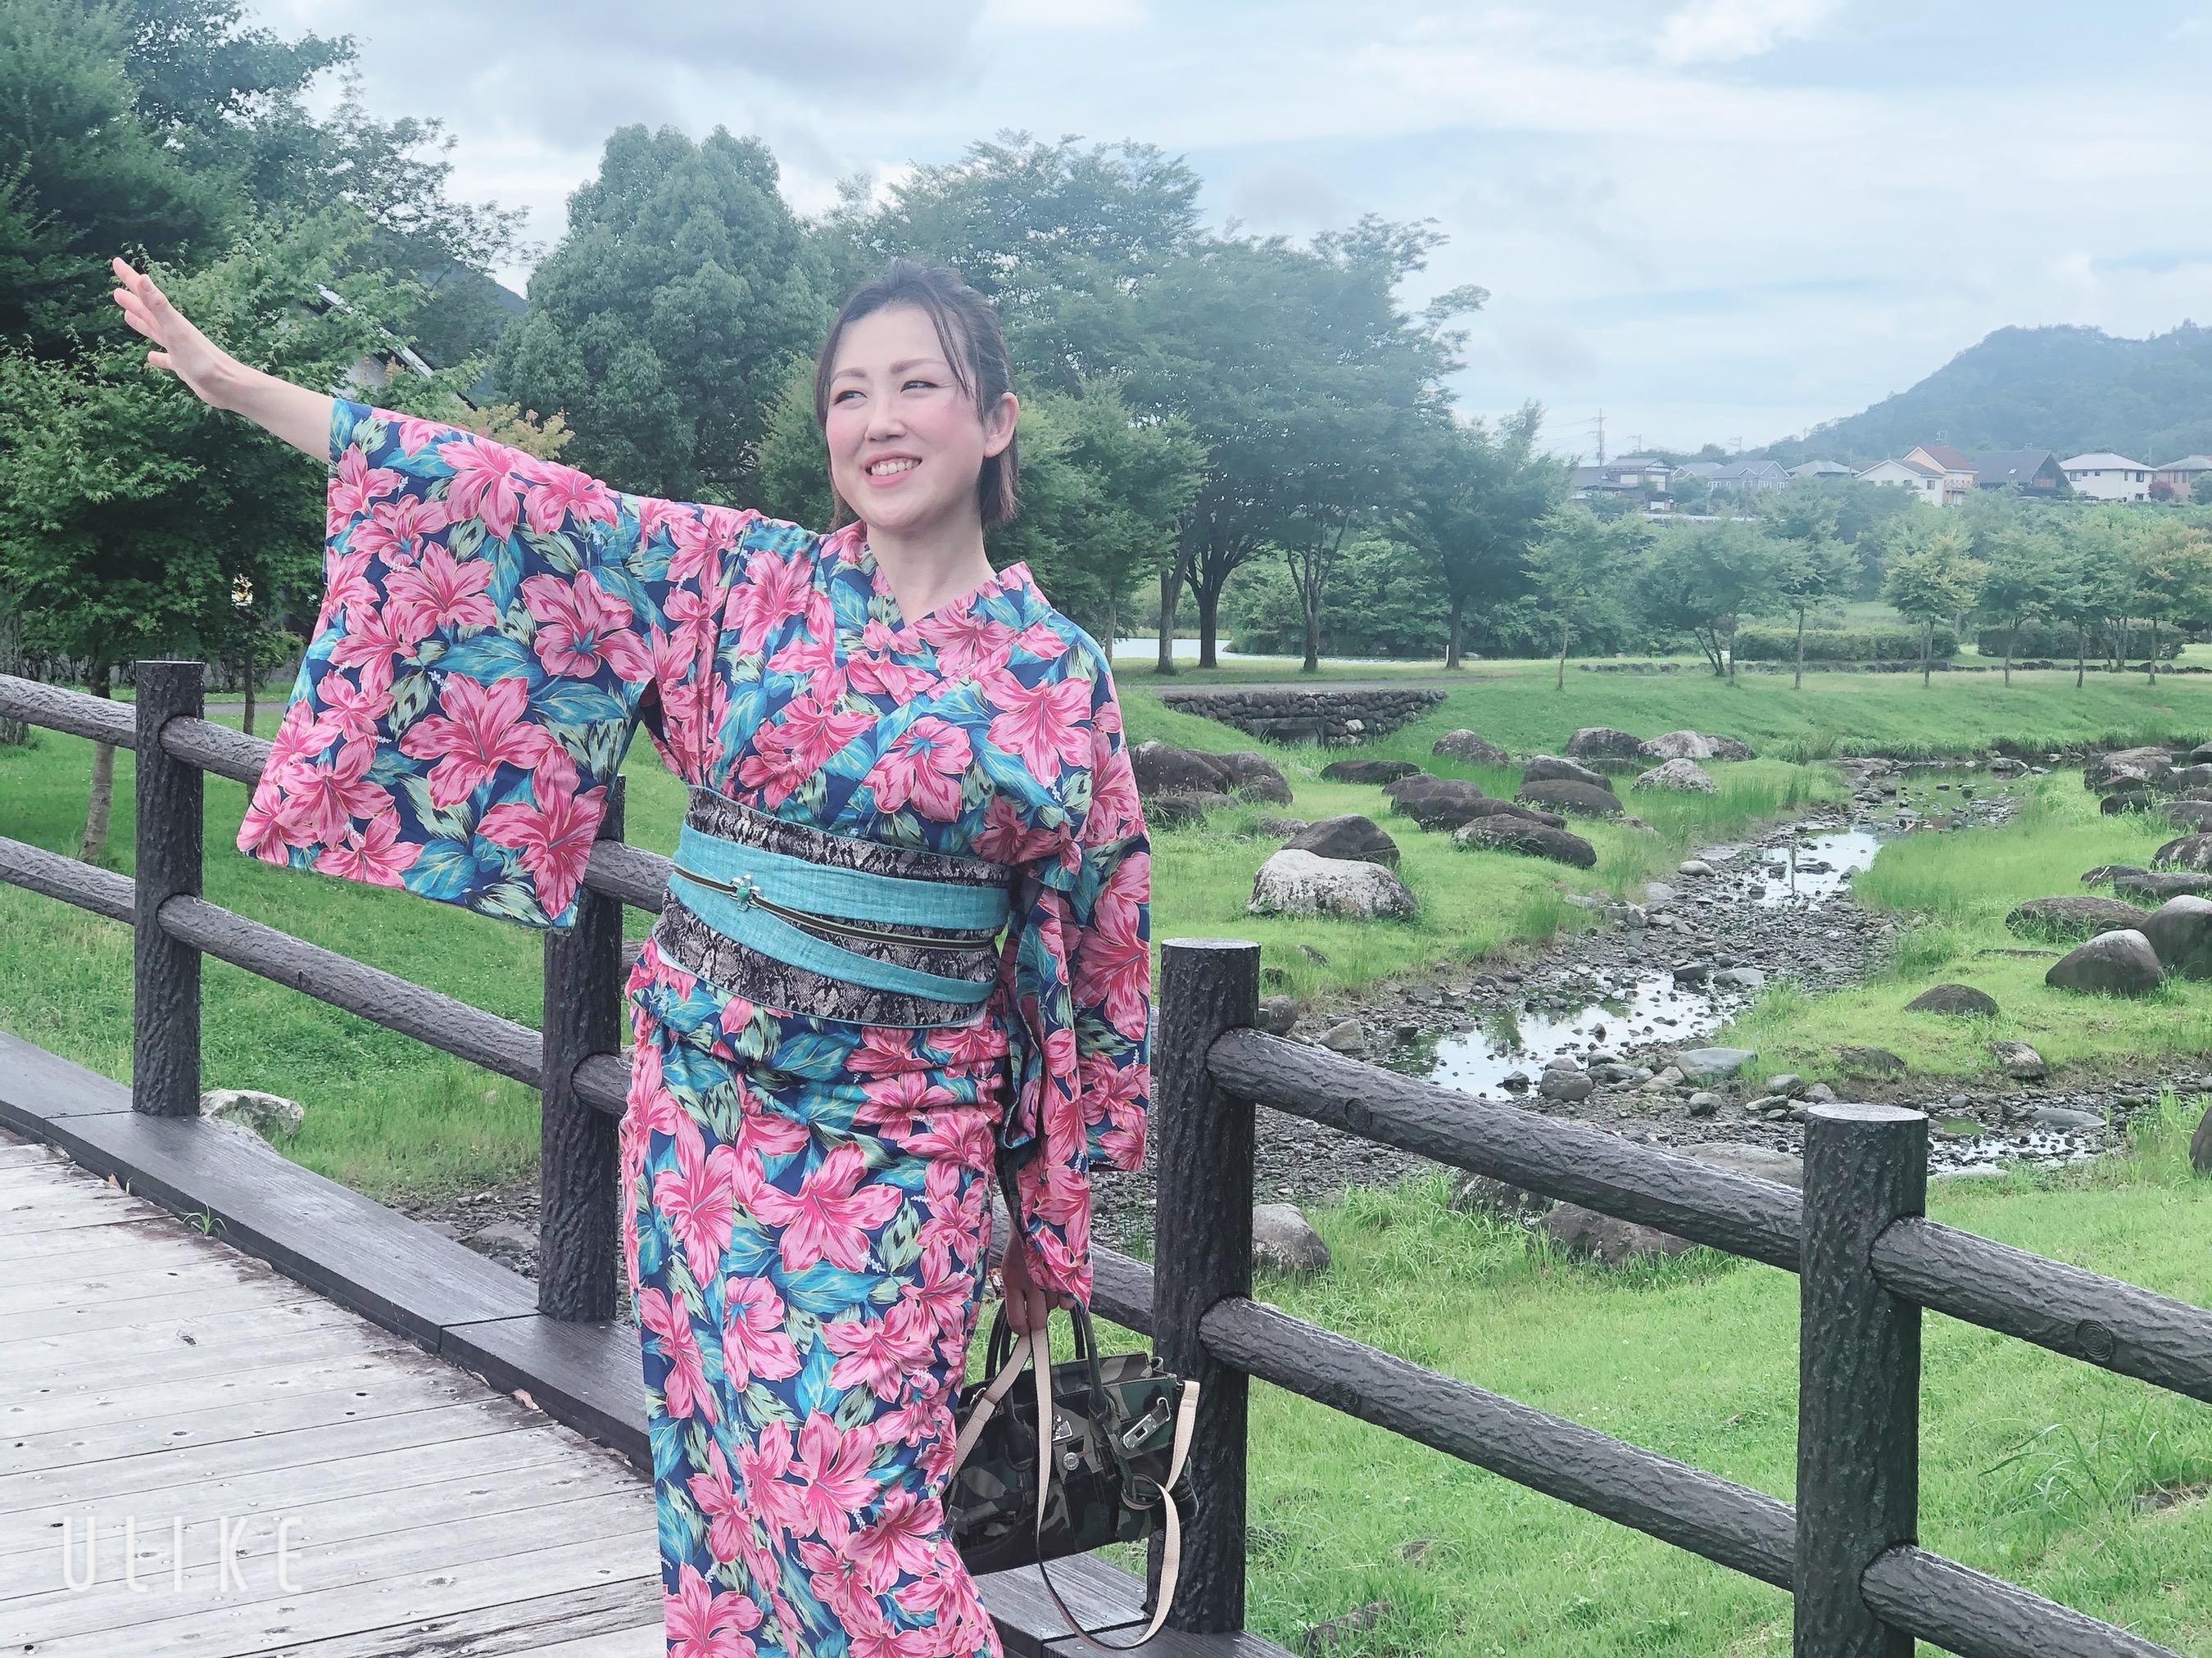 宮ヶ瀬 水の郷商店街 妄想浴衣コーデ 装いカラーコーデ パーソナル着物スタイリング